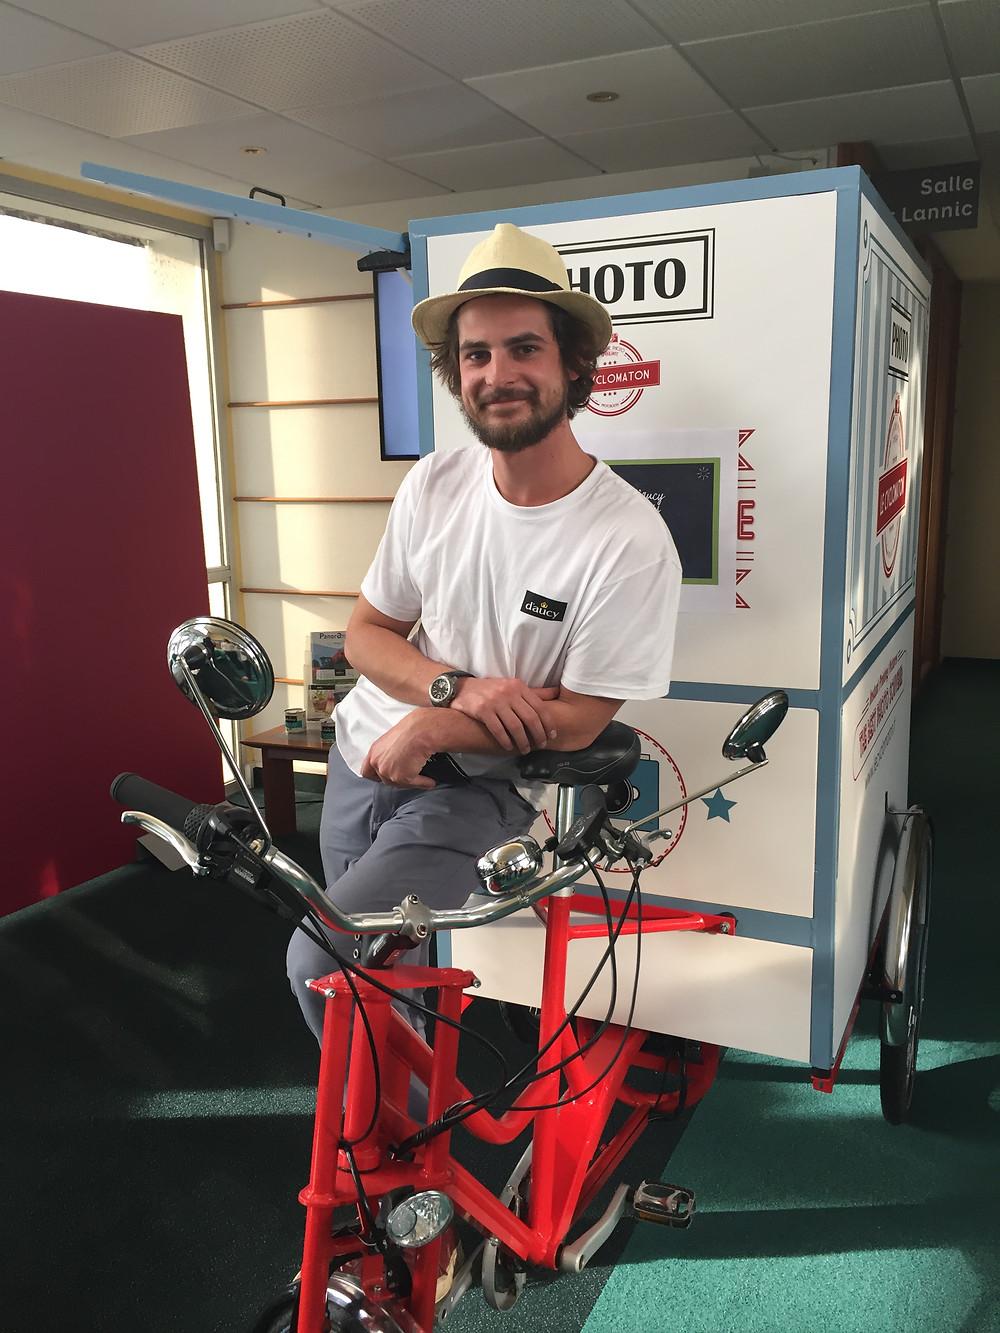 Pour le lancement de sa nouvelle campagne publicitaire, la Photocuclette prend tous les salariés en photo le temps d'une journée en bretagne.